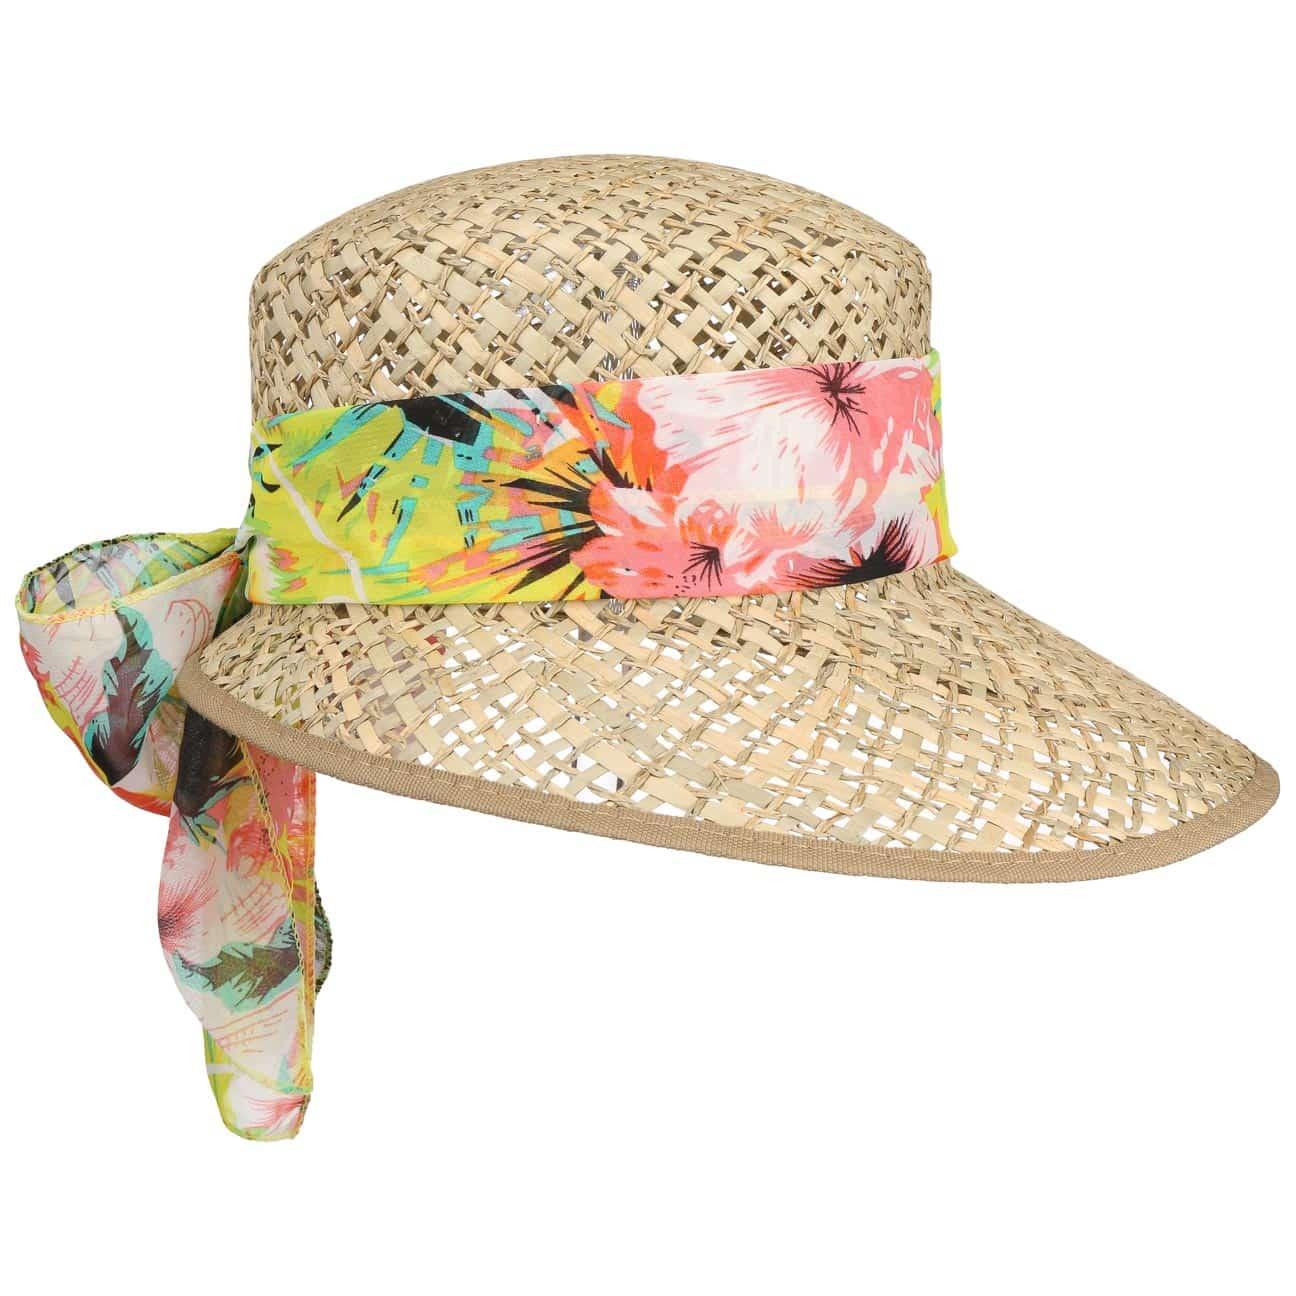 Sombrero de Paja Carina by Lipodo  gorra de sol